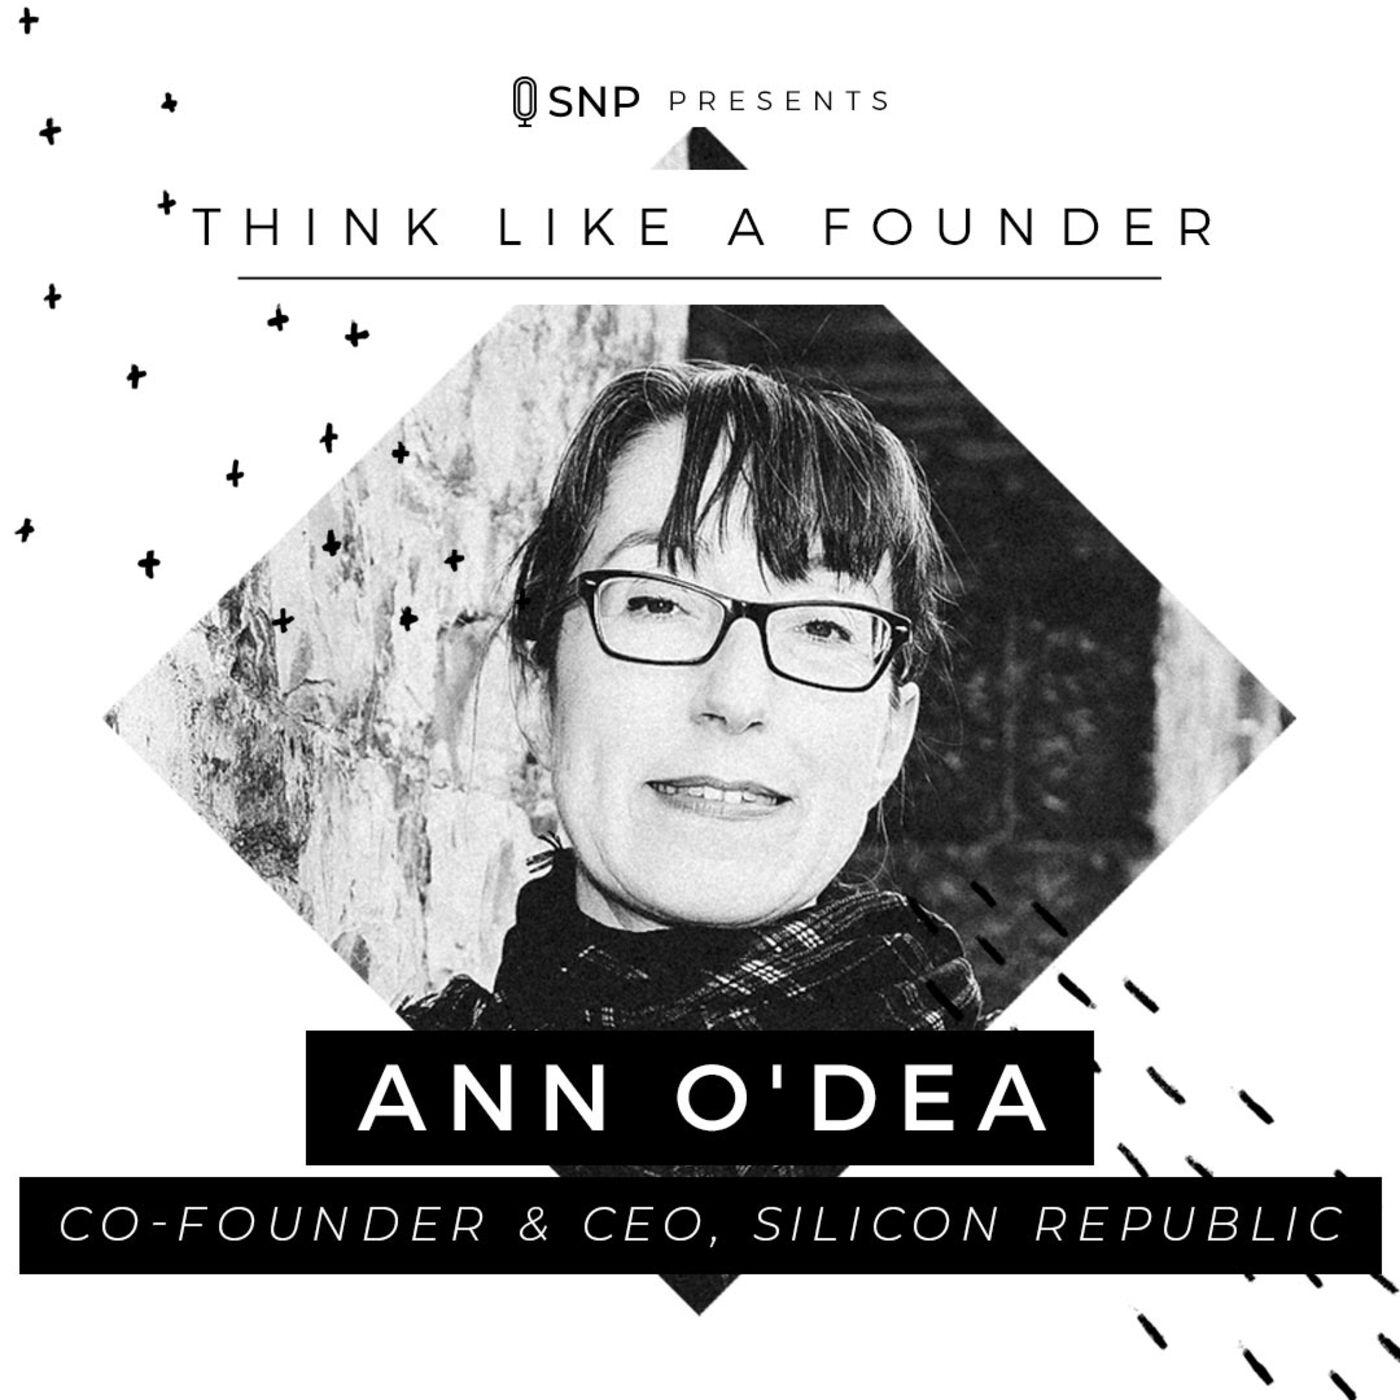 013: Ann O'Dea - Co-Founder and CEO of Silicon Republic